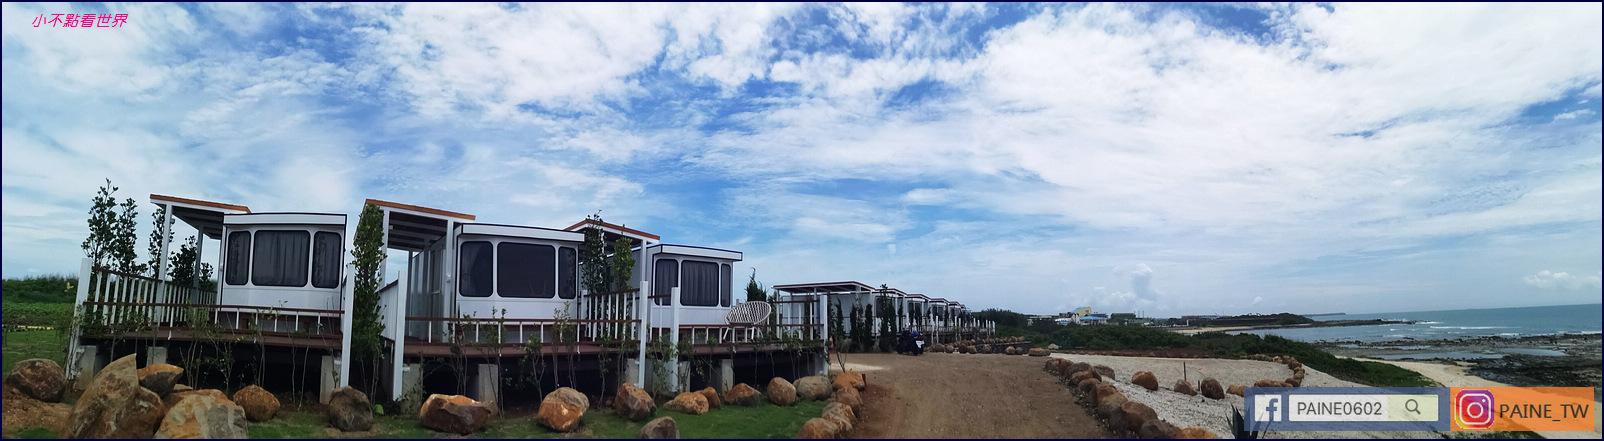 覓海灣露營車園區